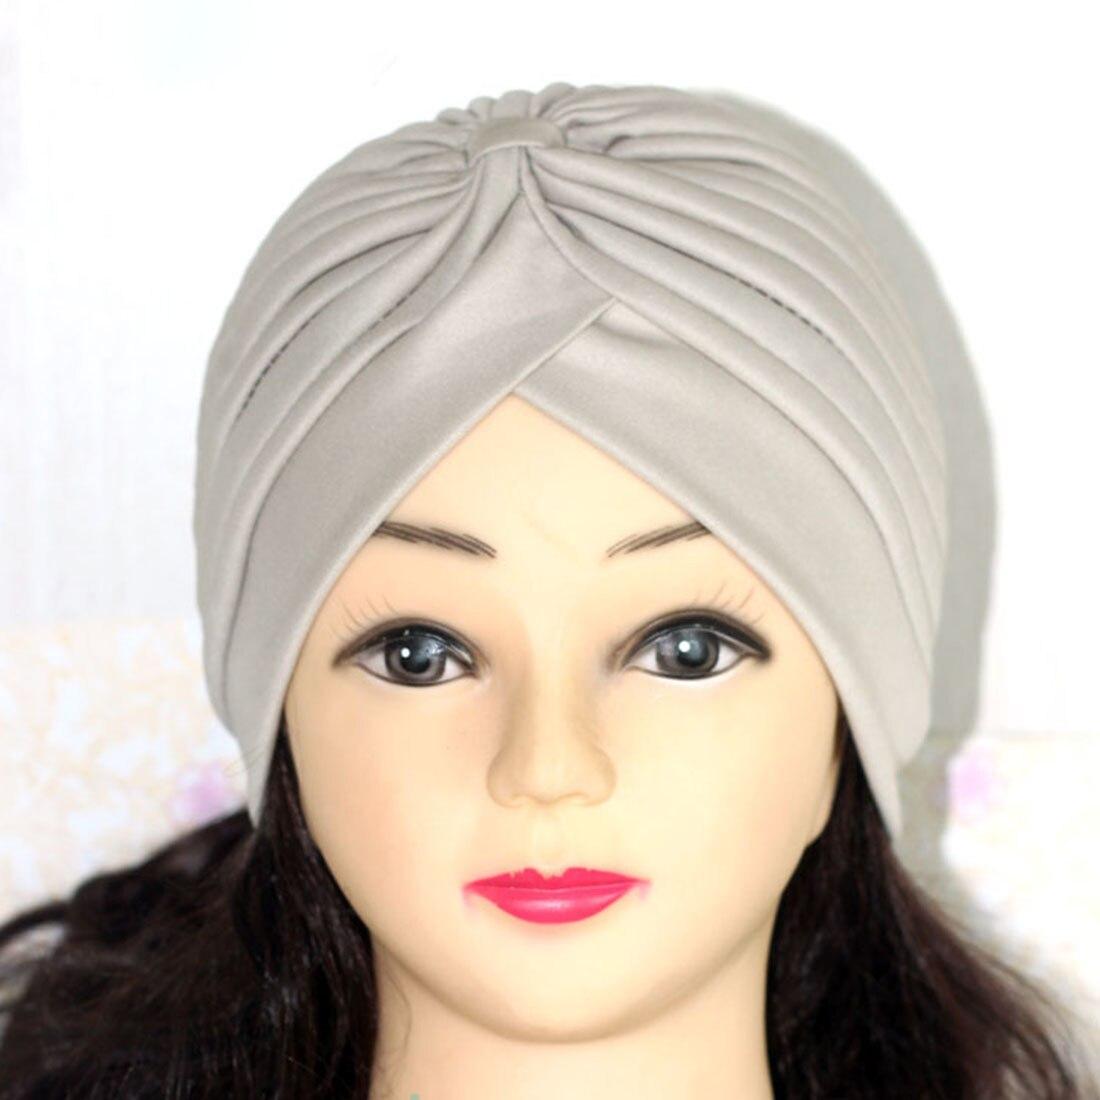 Хиджаб шарф тюрбан шапка s мусульманский головной платок Защита от солнца Кепка Женская хлопковая мусульманская многофункциональная тюрбан платок femme musulman - Цвет: 16